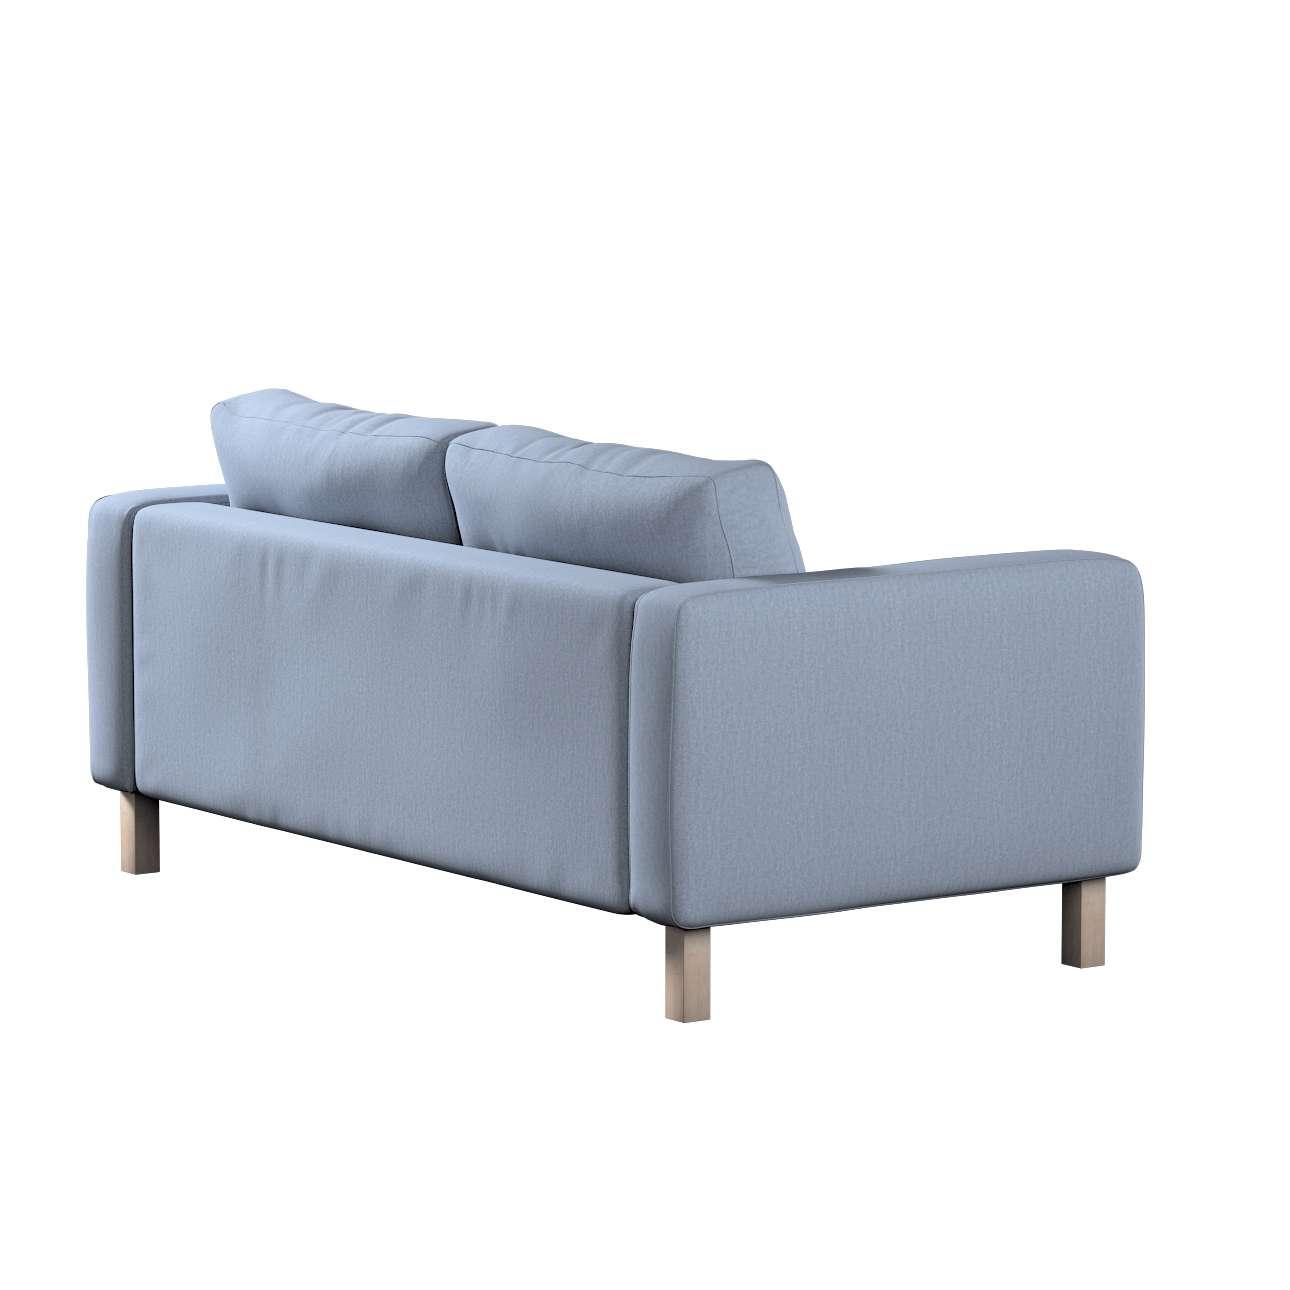 KARSLTAD dvivietės sofos užvalkalas kolekcijoje Chenille, audinys: 702-13